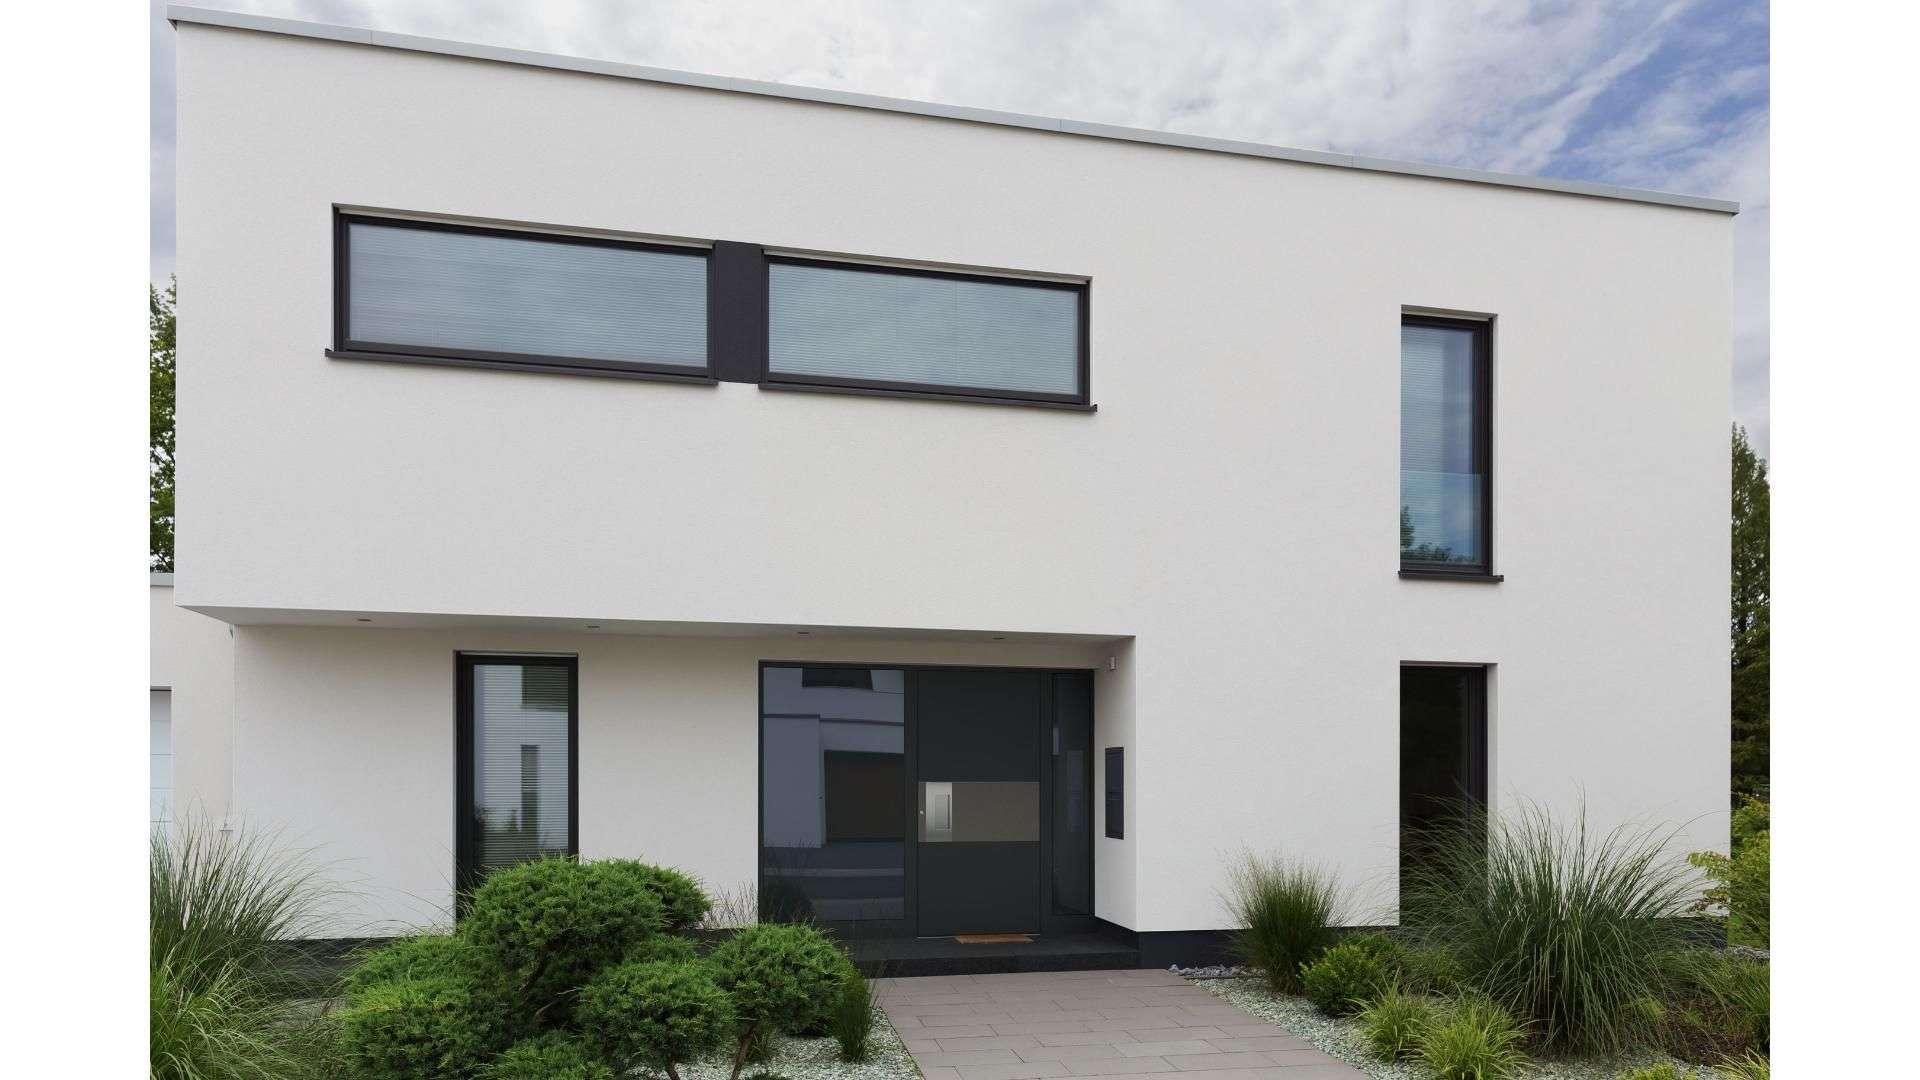 modernes Flachdach-Haus mit dunkelgrauer Haustür